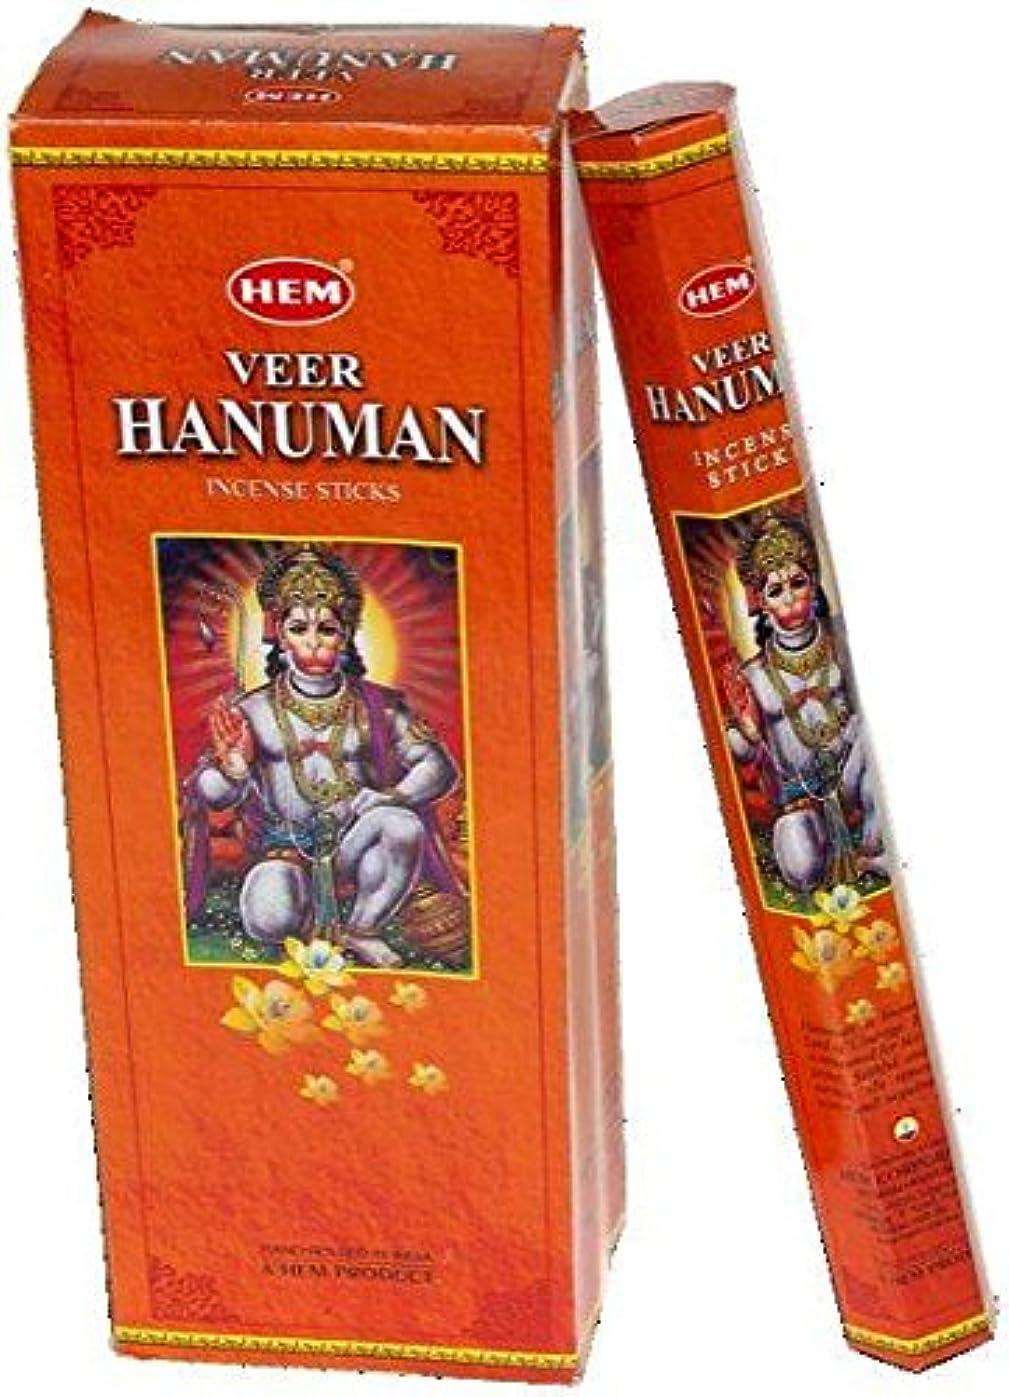 耐えられない体操選手バインドHEM (ヘム) インセンス スティック へキサパック ハヌマーン ハヌマン香 6角(20本入)×1箱 [並行輸入品] Hanuman